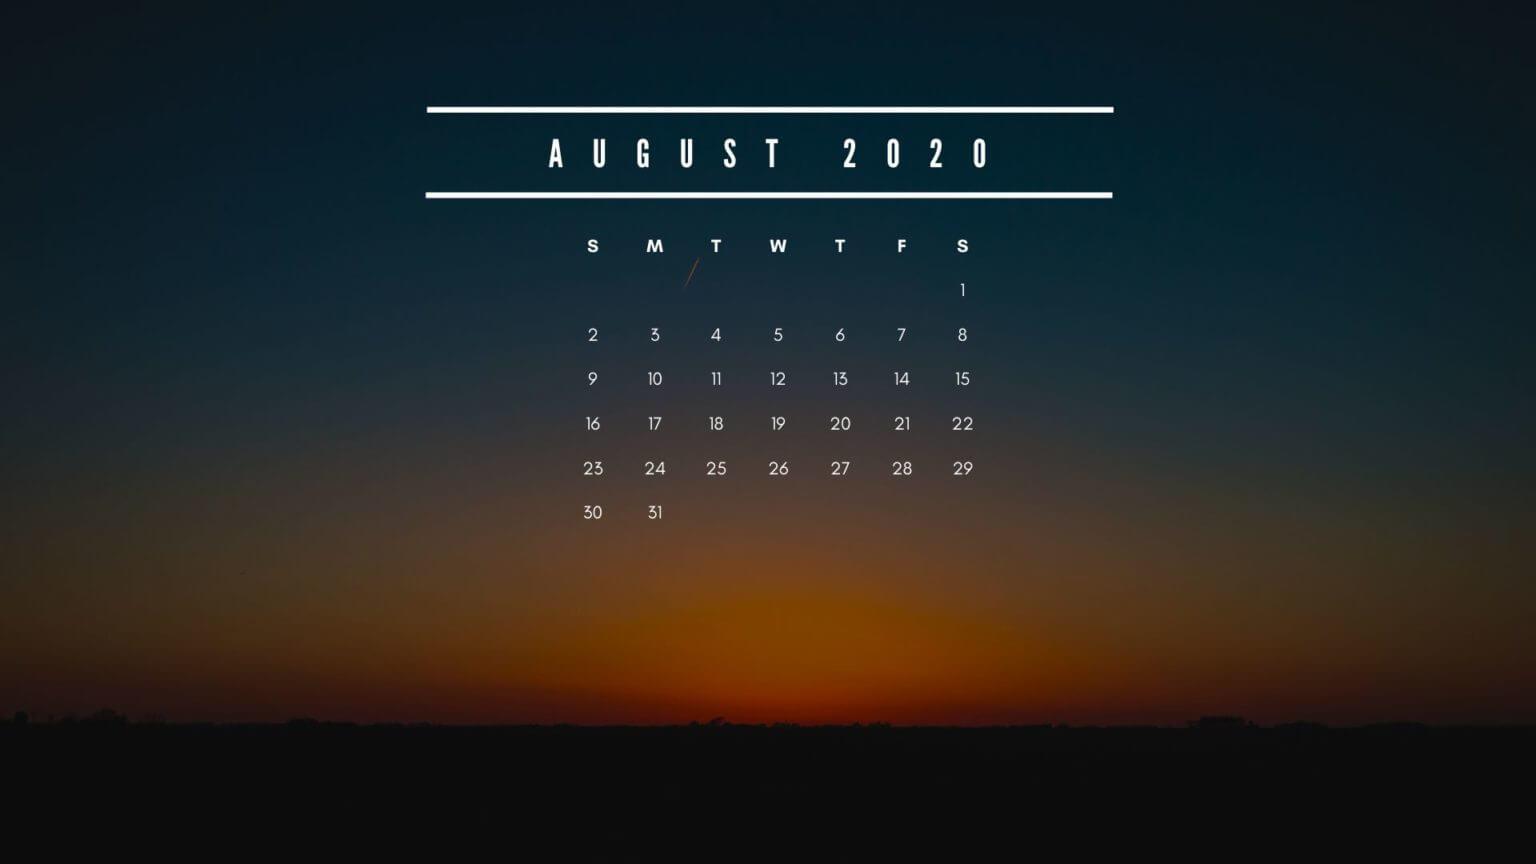 August 2020 Calendar HD Wallpaper